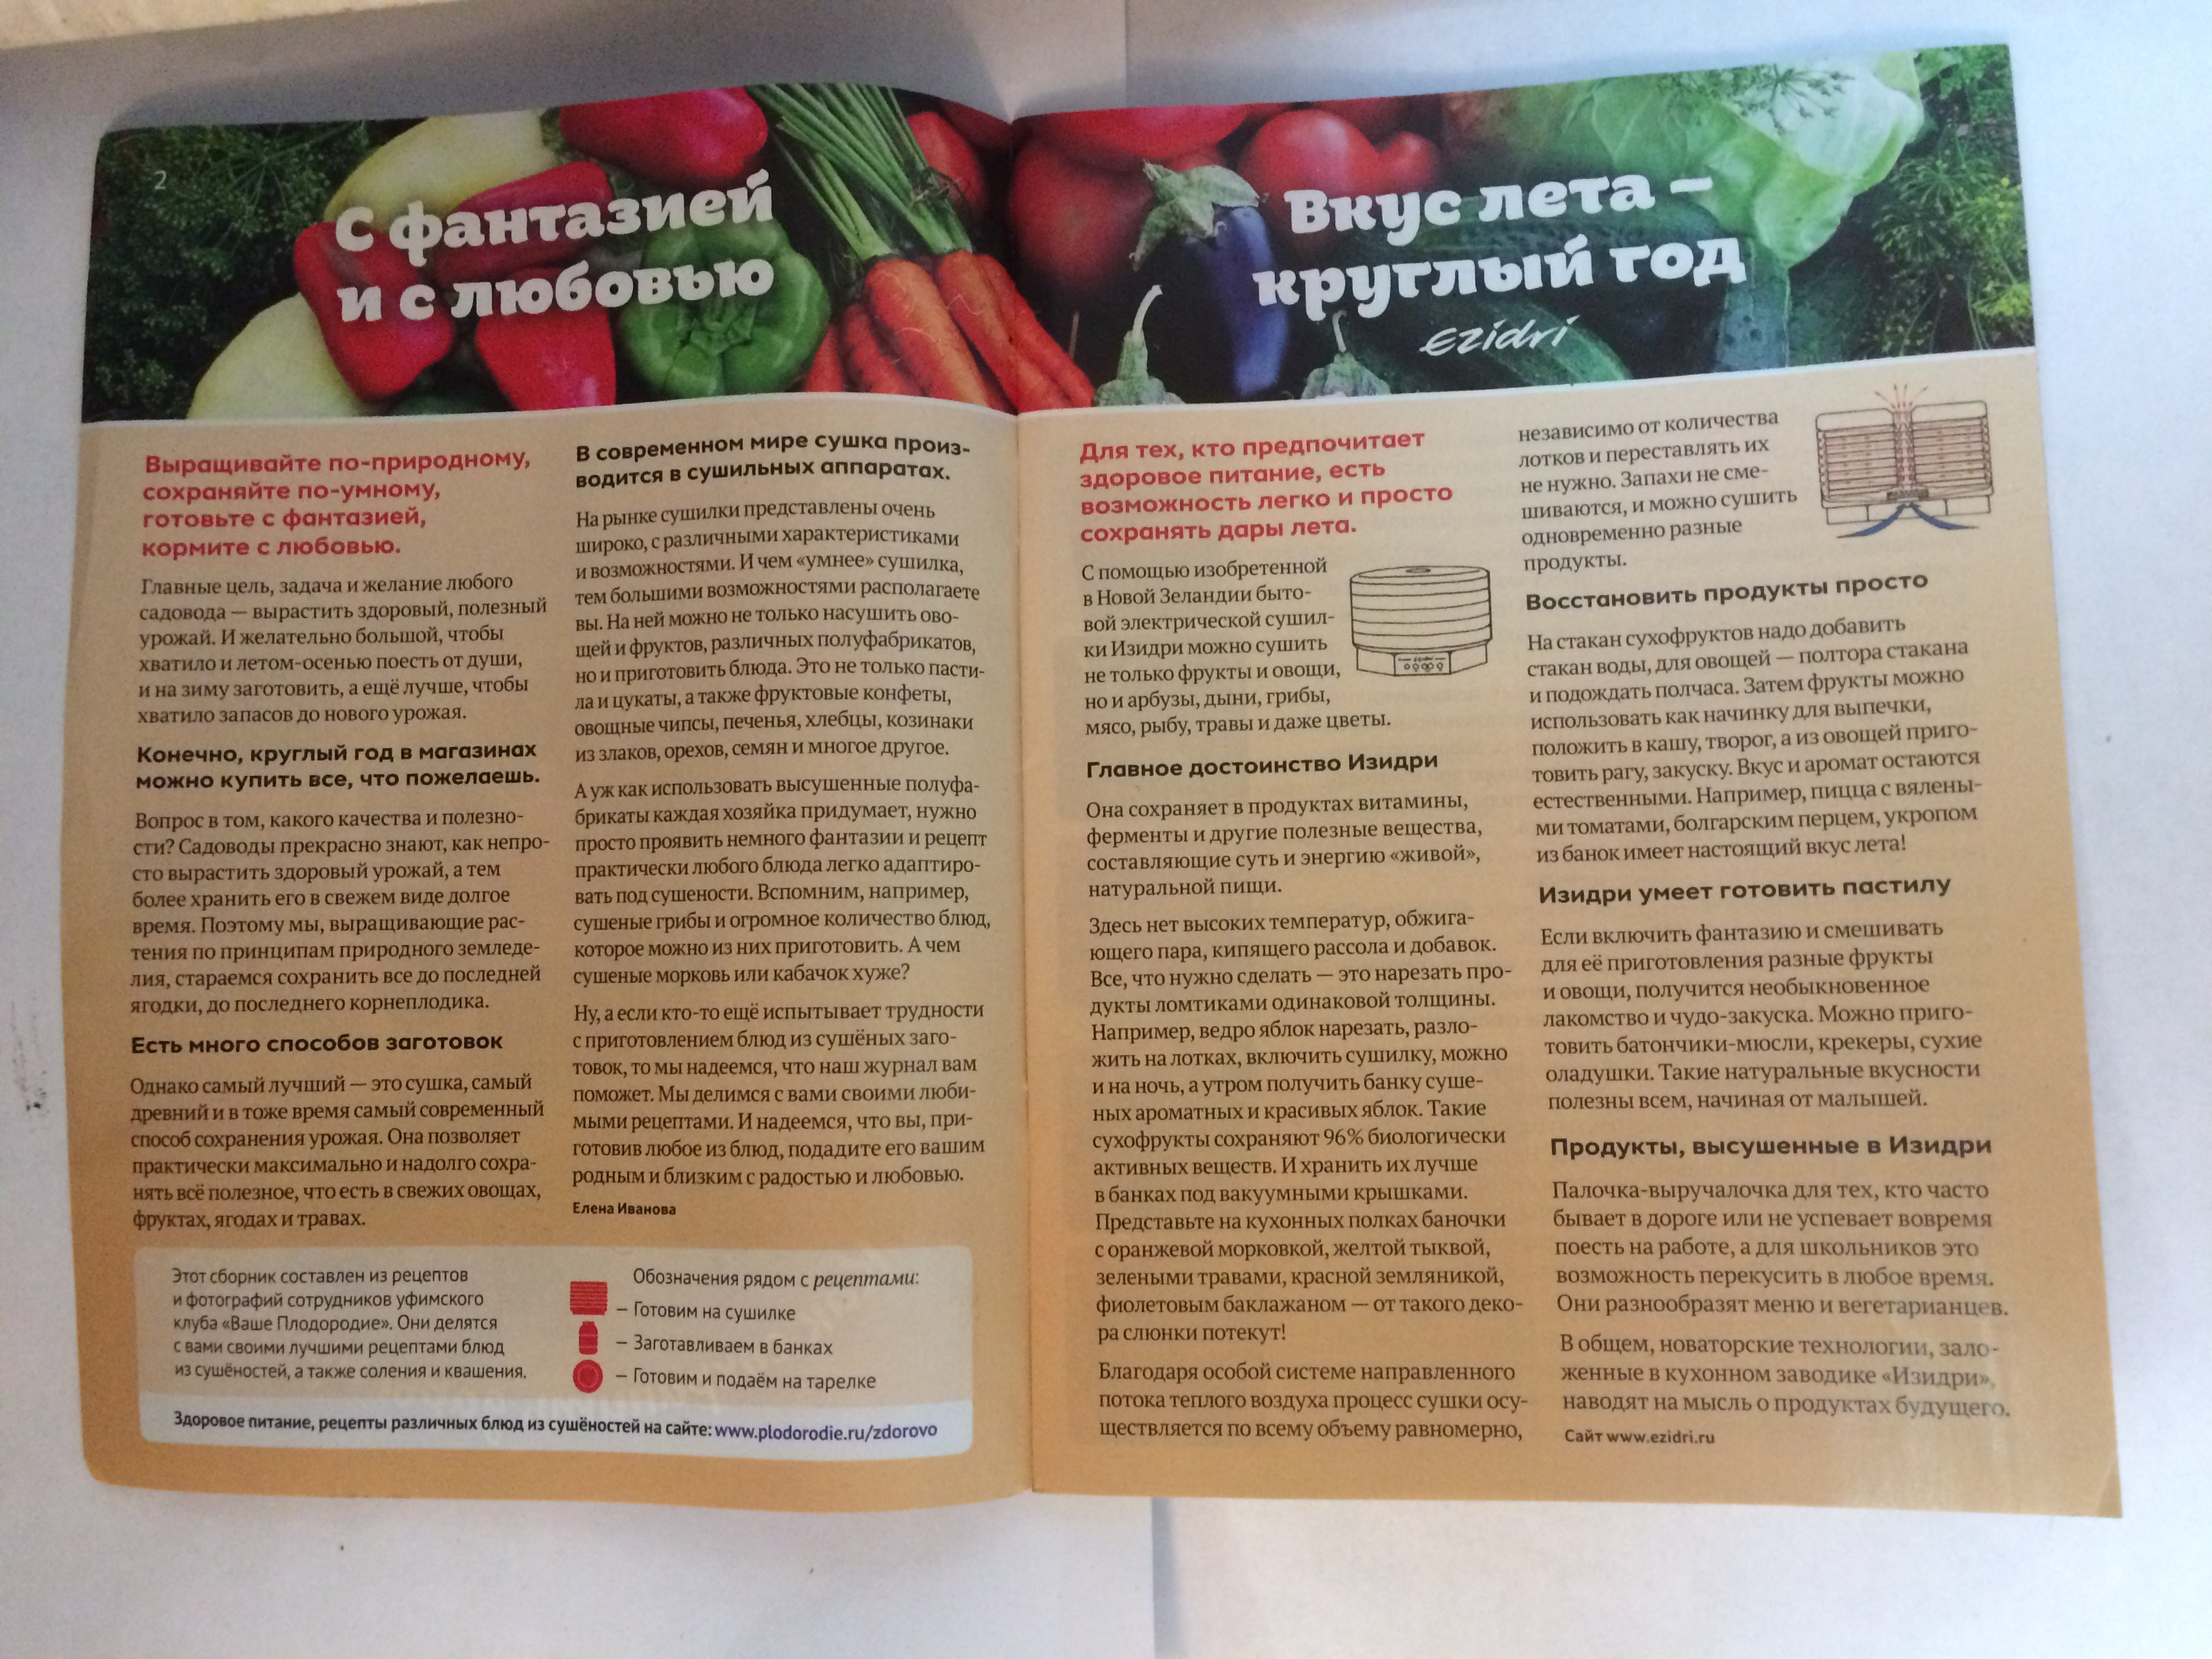 broshyura-sushite-na-zdorove (2)